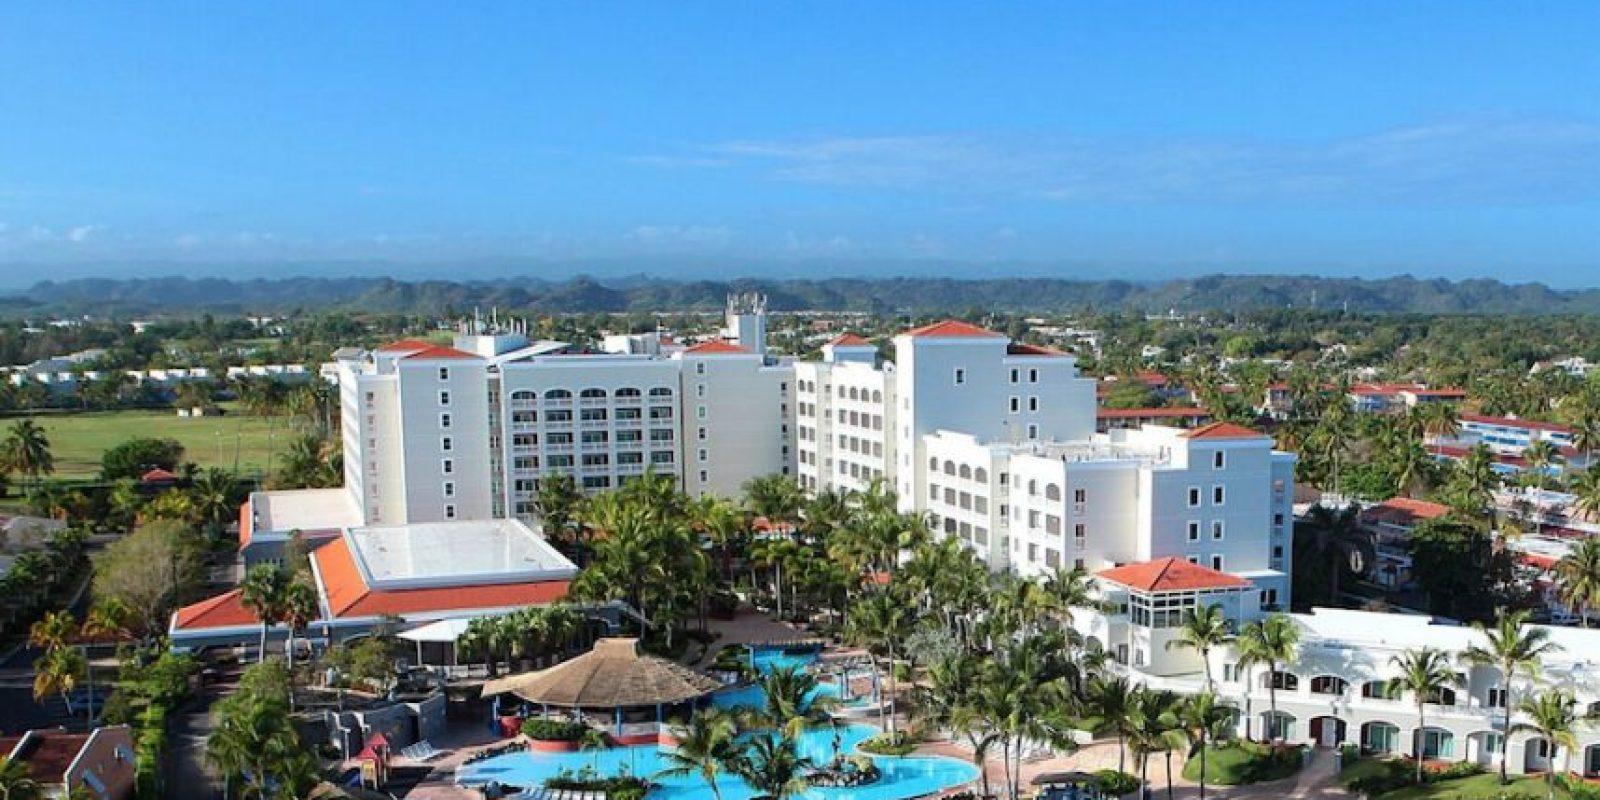 Su privilegiada ubicación situado frente a la playa de Dorado del mar y a tan solo 25 minutos de San Juan, hace de esta de esta propiedad una muy atractiva.. Imagen Por: